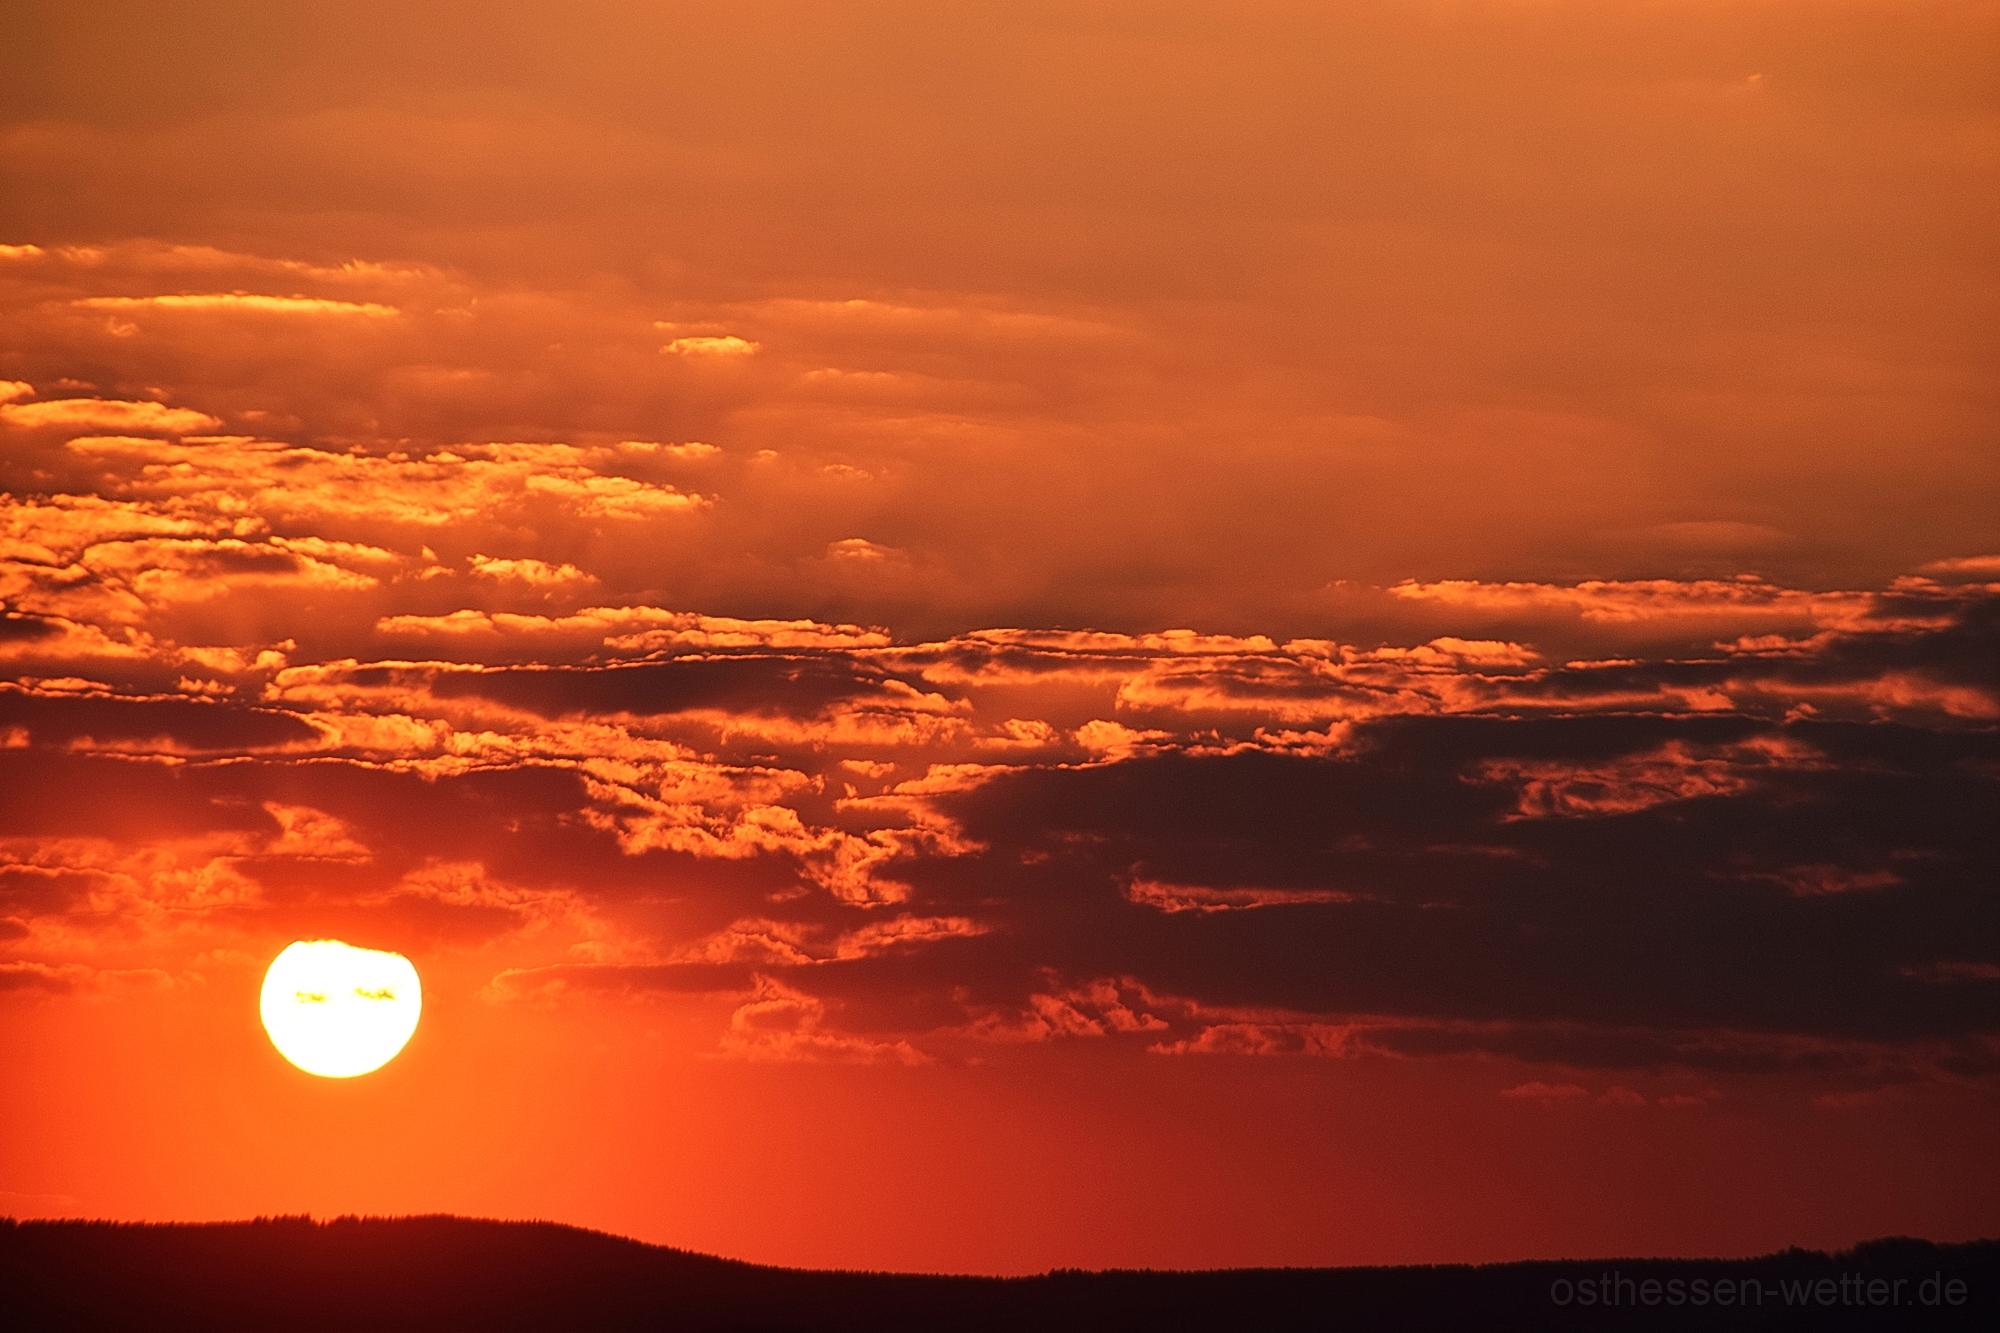 Sonnenaufgang am 09.04.2020 um 06:54:13 CEST